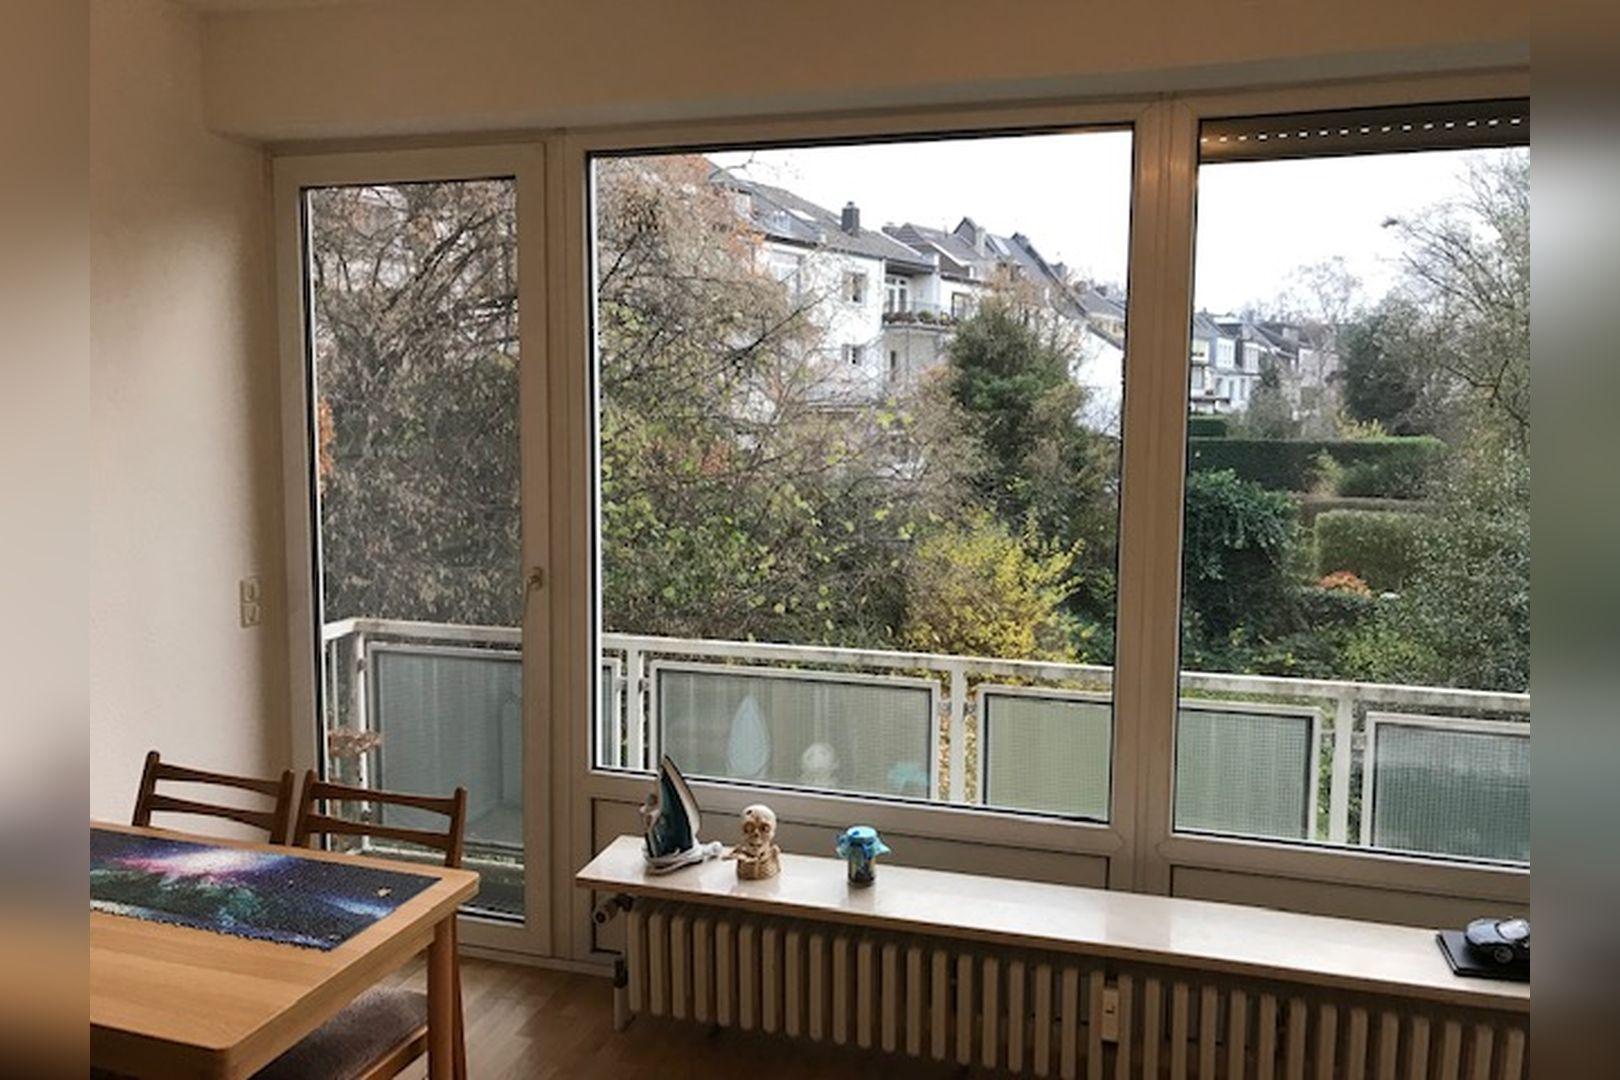 Immobilie Nr.0244 - Einraum-Appartement in Rheinnähe, Wodanstraße - Bild 7.jpg